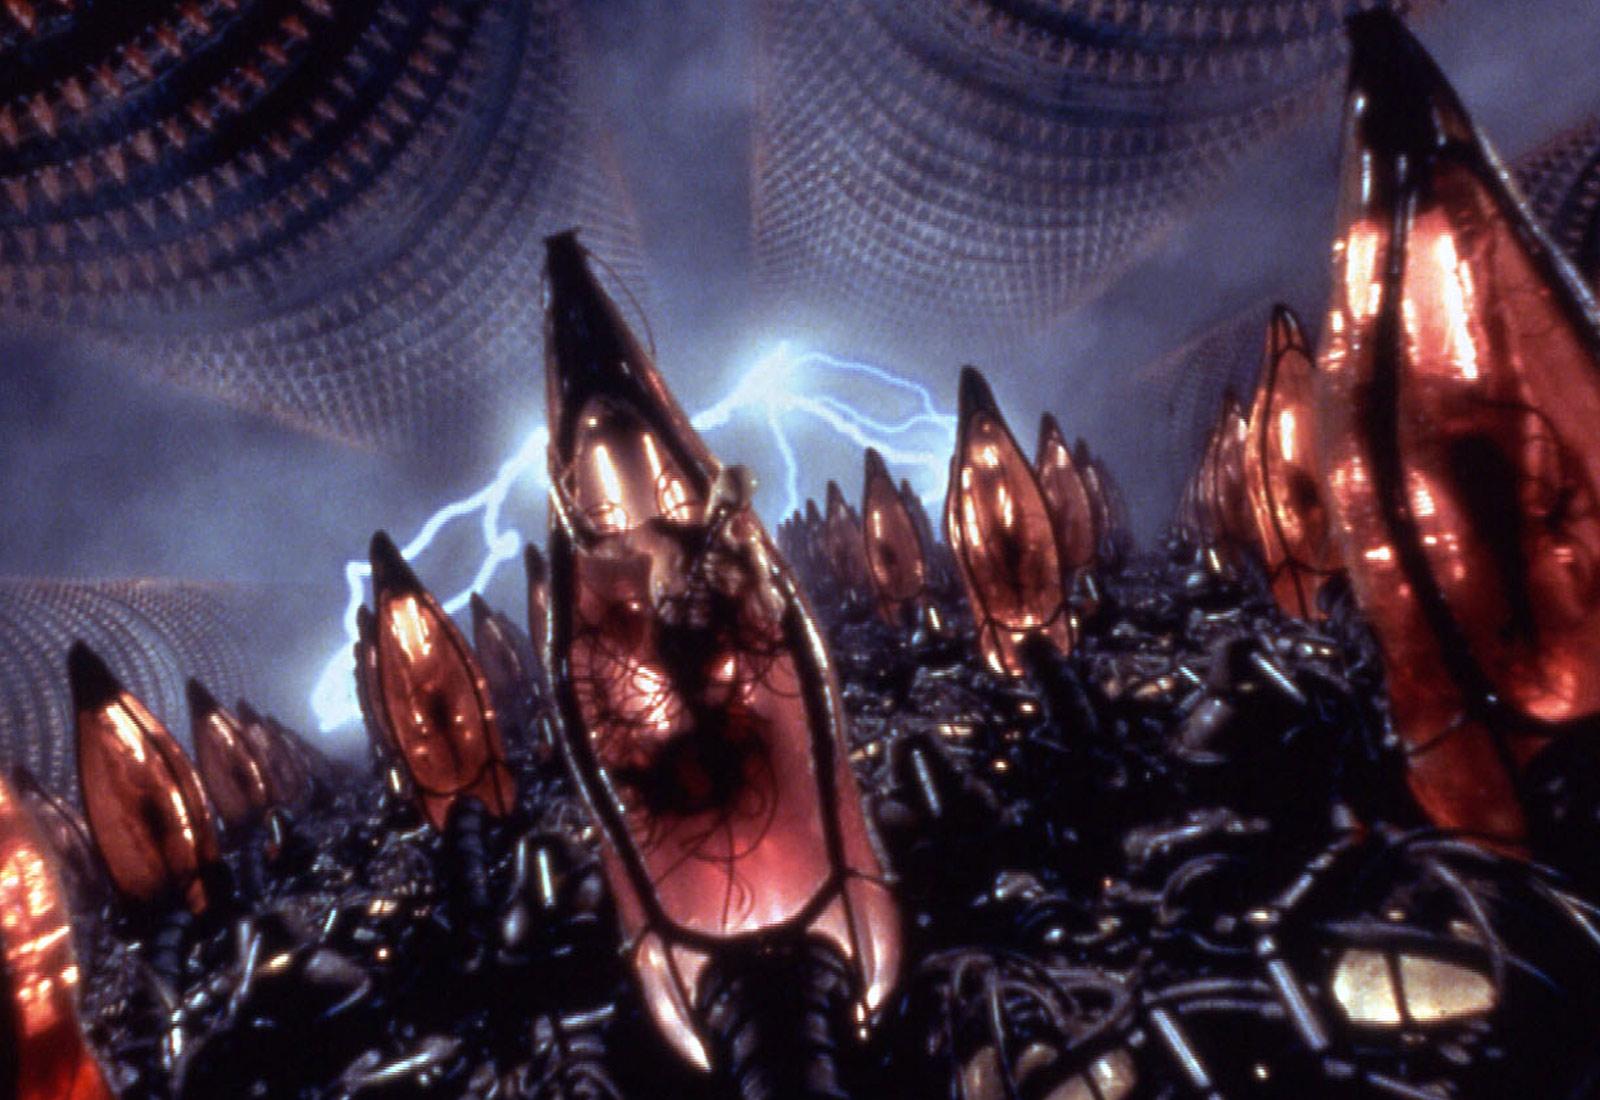 【有雷】《駭客任務》二十周年經典重製 回顧基奴李維「成為殺神前」的驚人身份